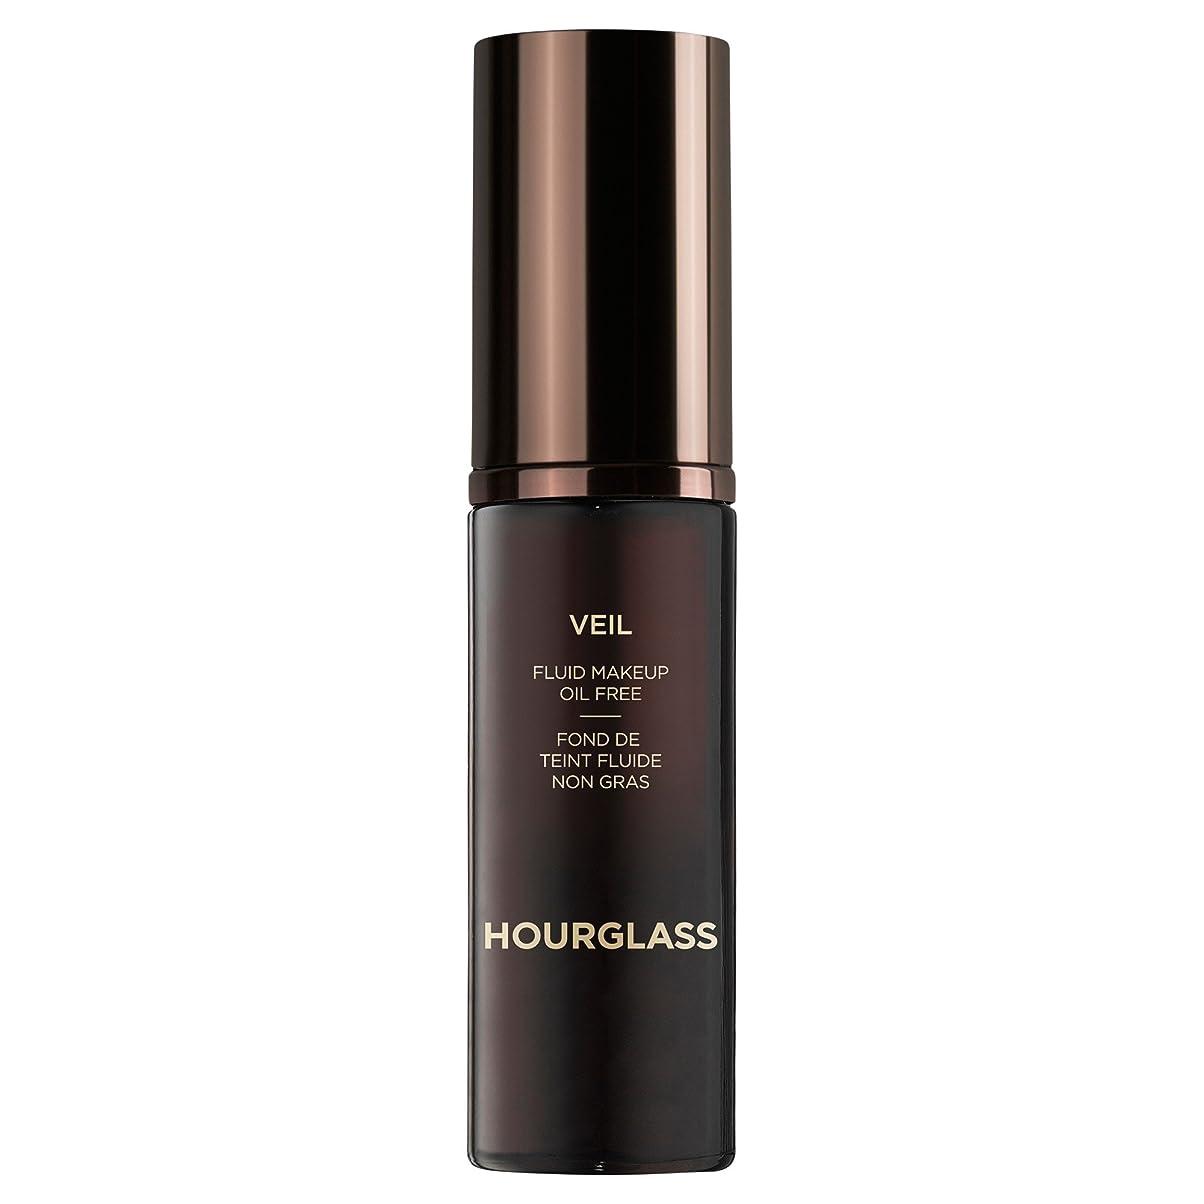 深める影響する操作砂時計のベール流体メイクアップライトベージュ (Hourglass) (x6) - Hourglass Veil Fluid Makeup Light Beige (Pack of 6) [並行輸入品]